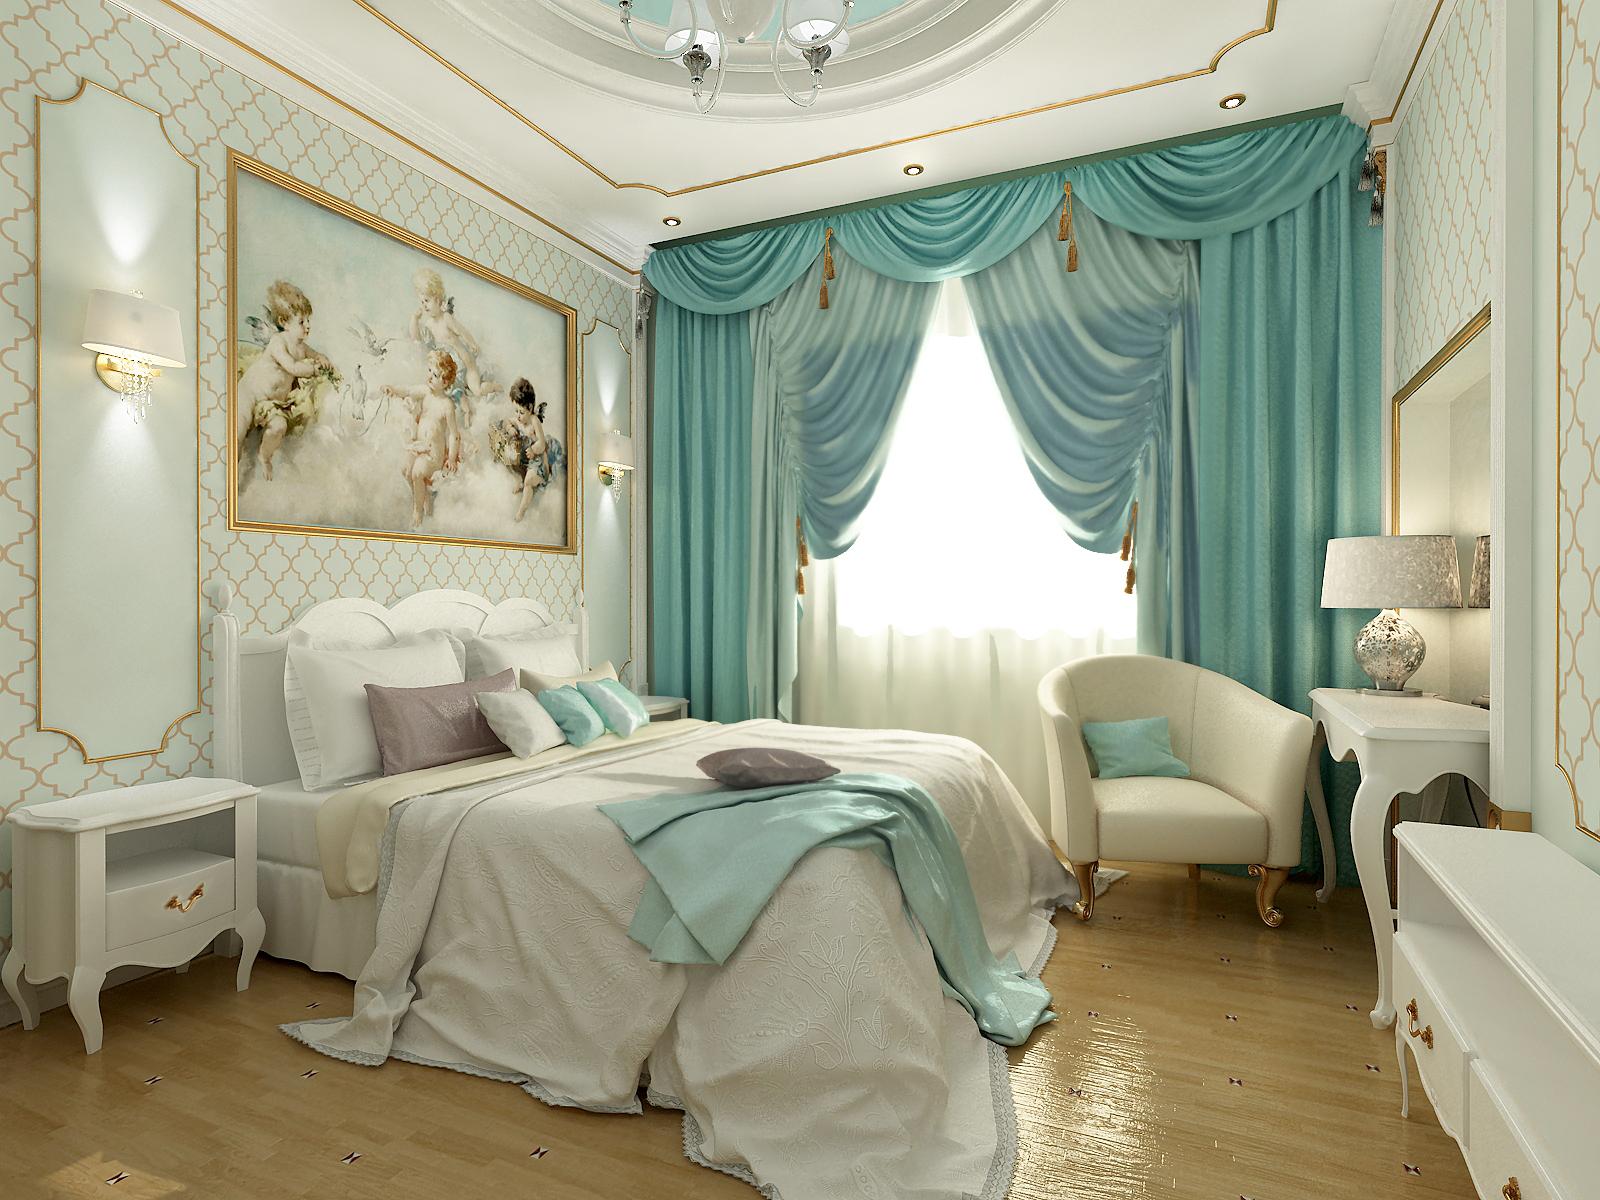 Объемная люстра из хрусталя и лампы из дорогого стекла на прикроватных тумбах освещают комнату в вечернее время.